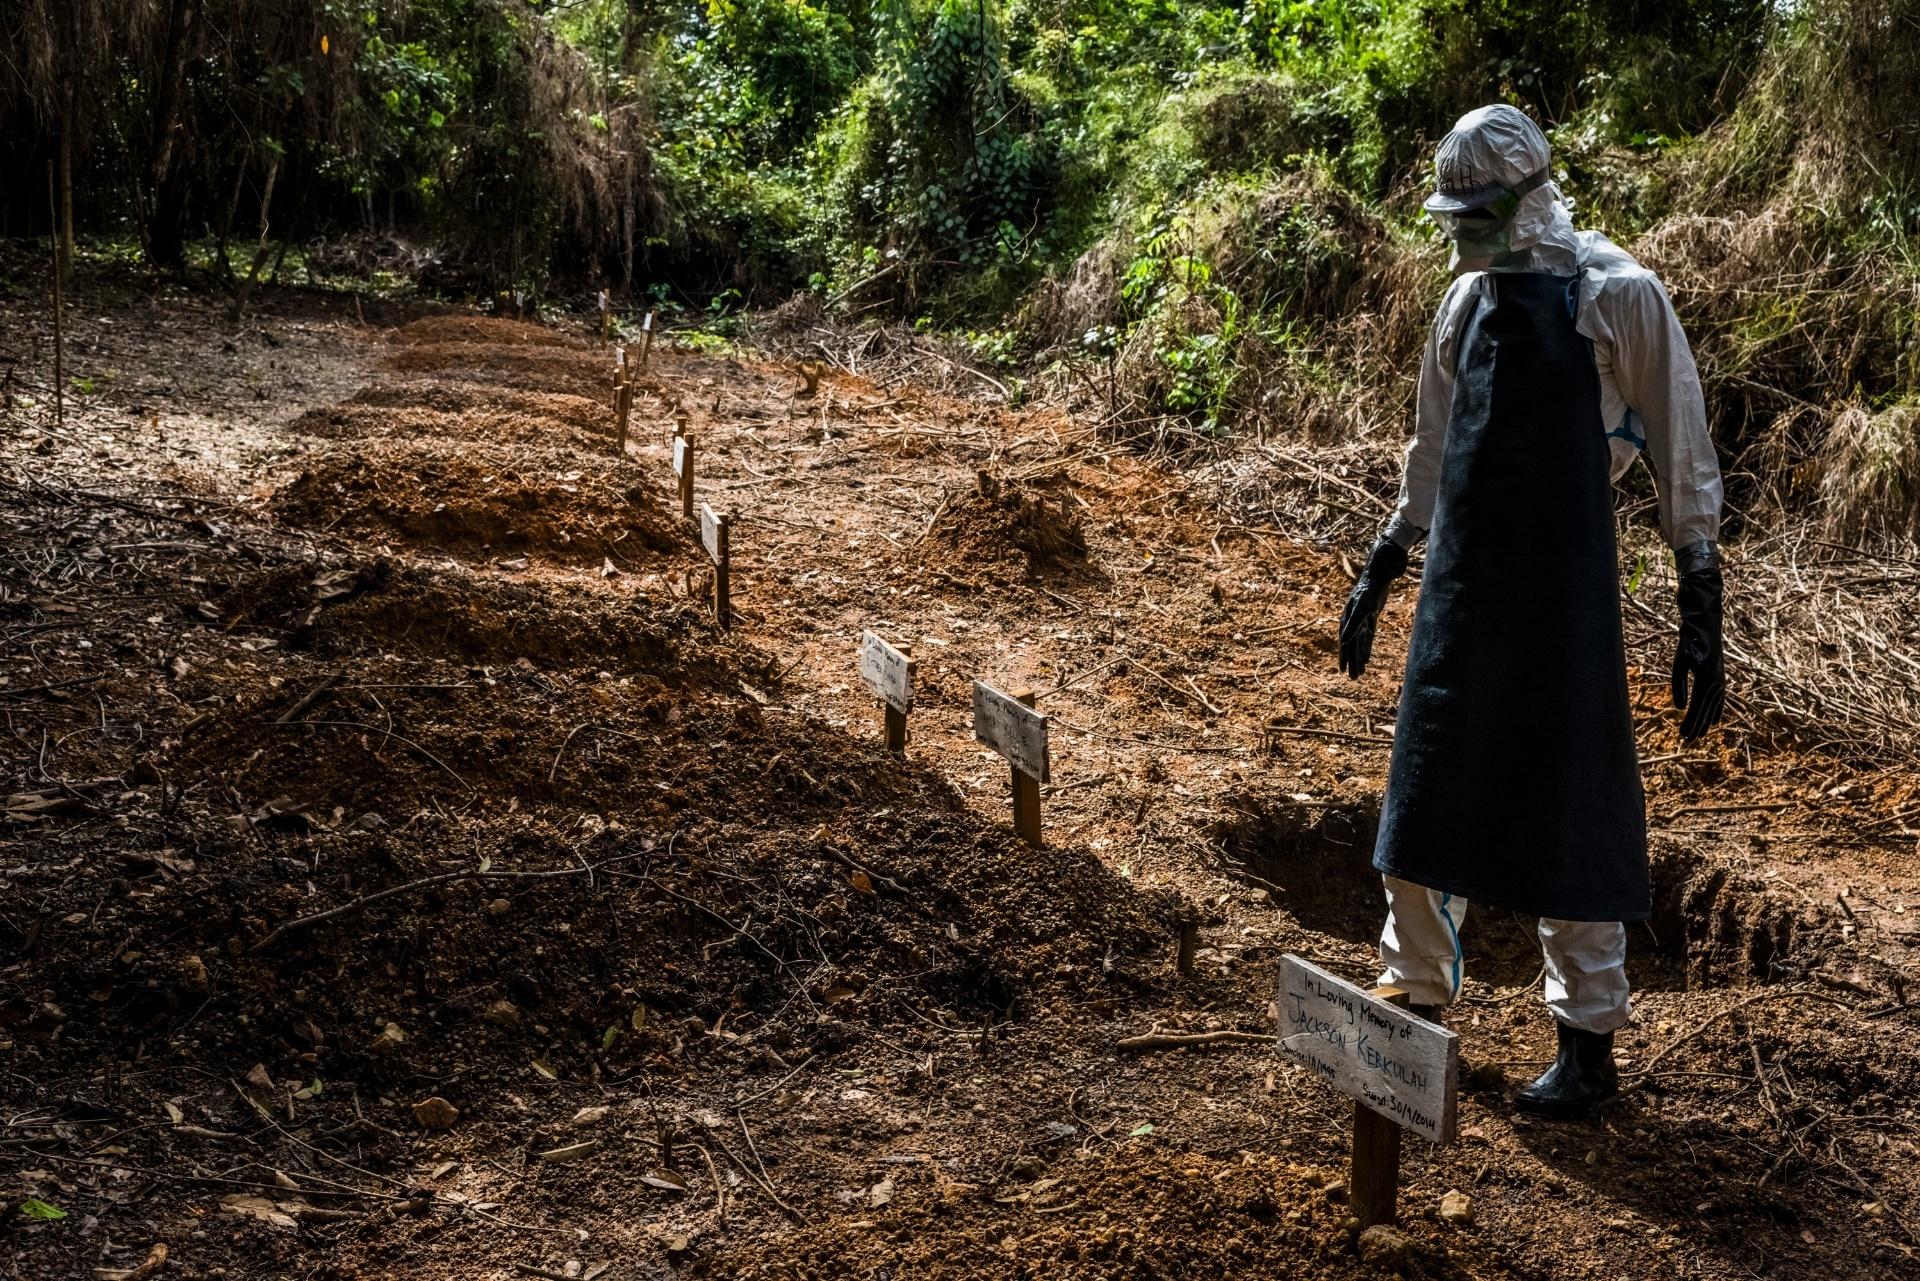 Membro da equipe funerária caminha por covas onde são enterradas vítimas do ebola, próximas à Unidade de Tratamento de Ebola no Condado de Bong em Sgt. Kollie Tow, na Libéria. O centro -- que tem uma área de triagem, uma restrita para suspeitos de infecção e outra para tratamento dos doentes -- não está lotado como outras clínicas na Monróvia